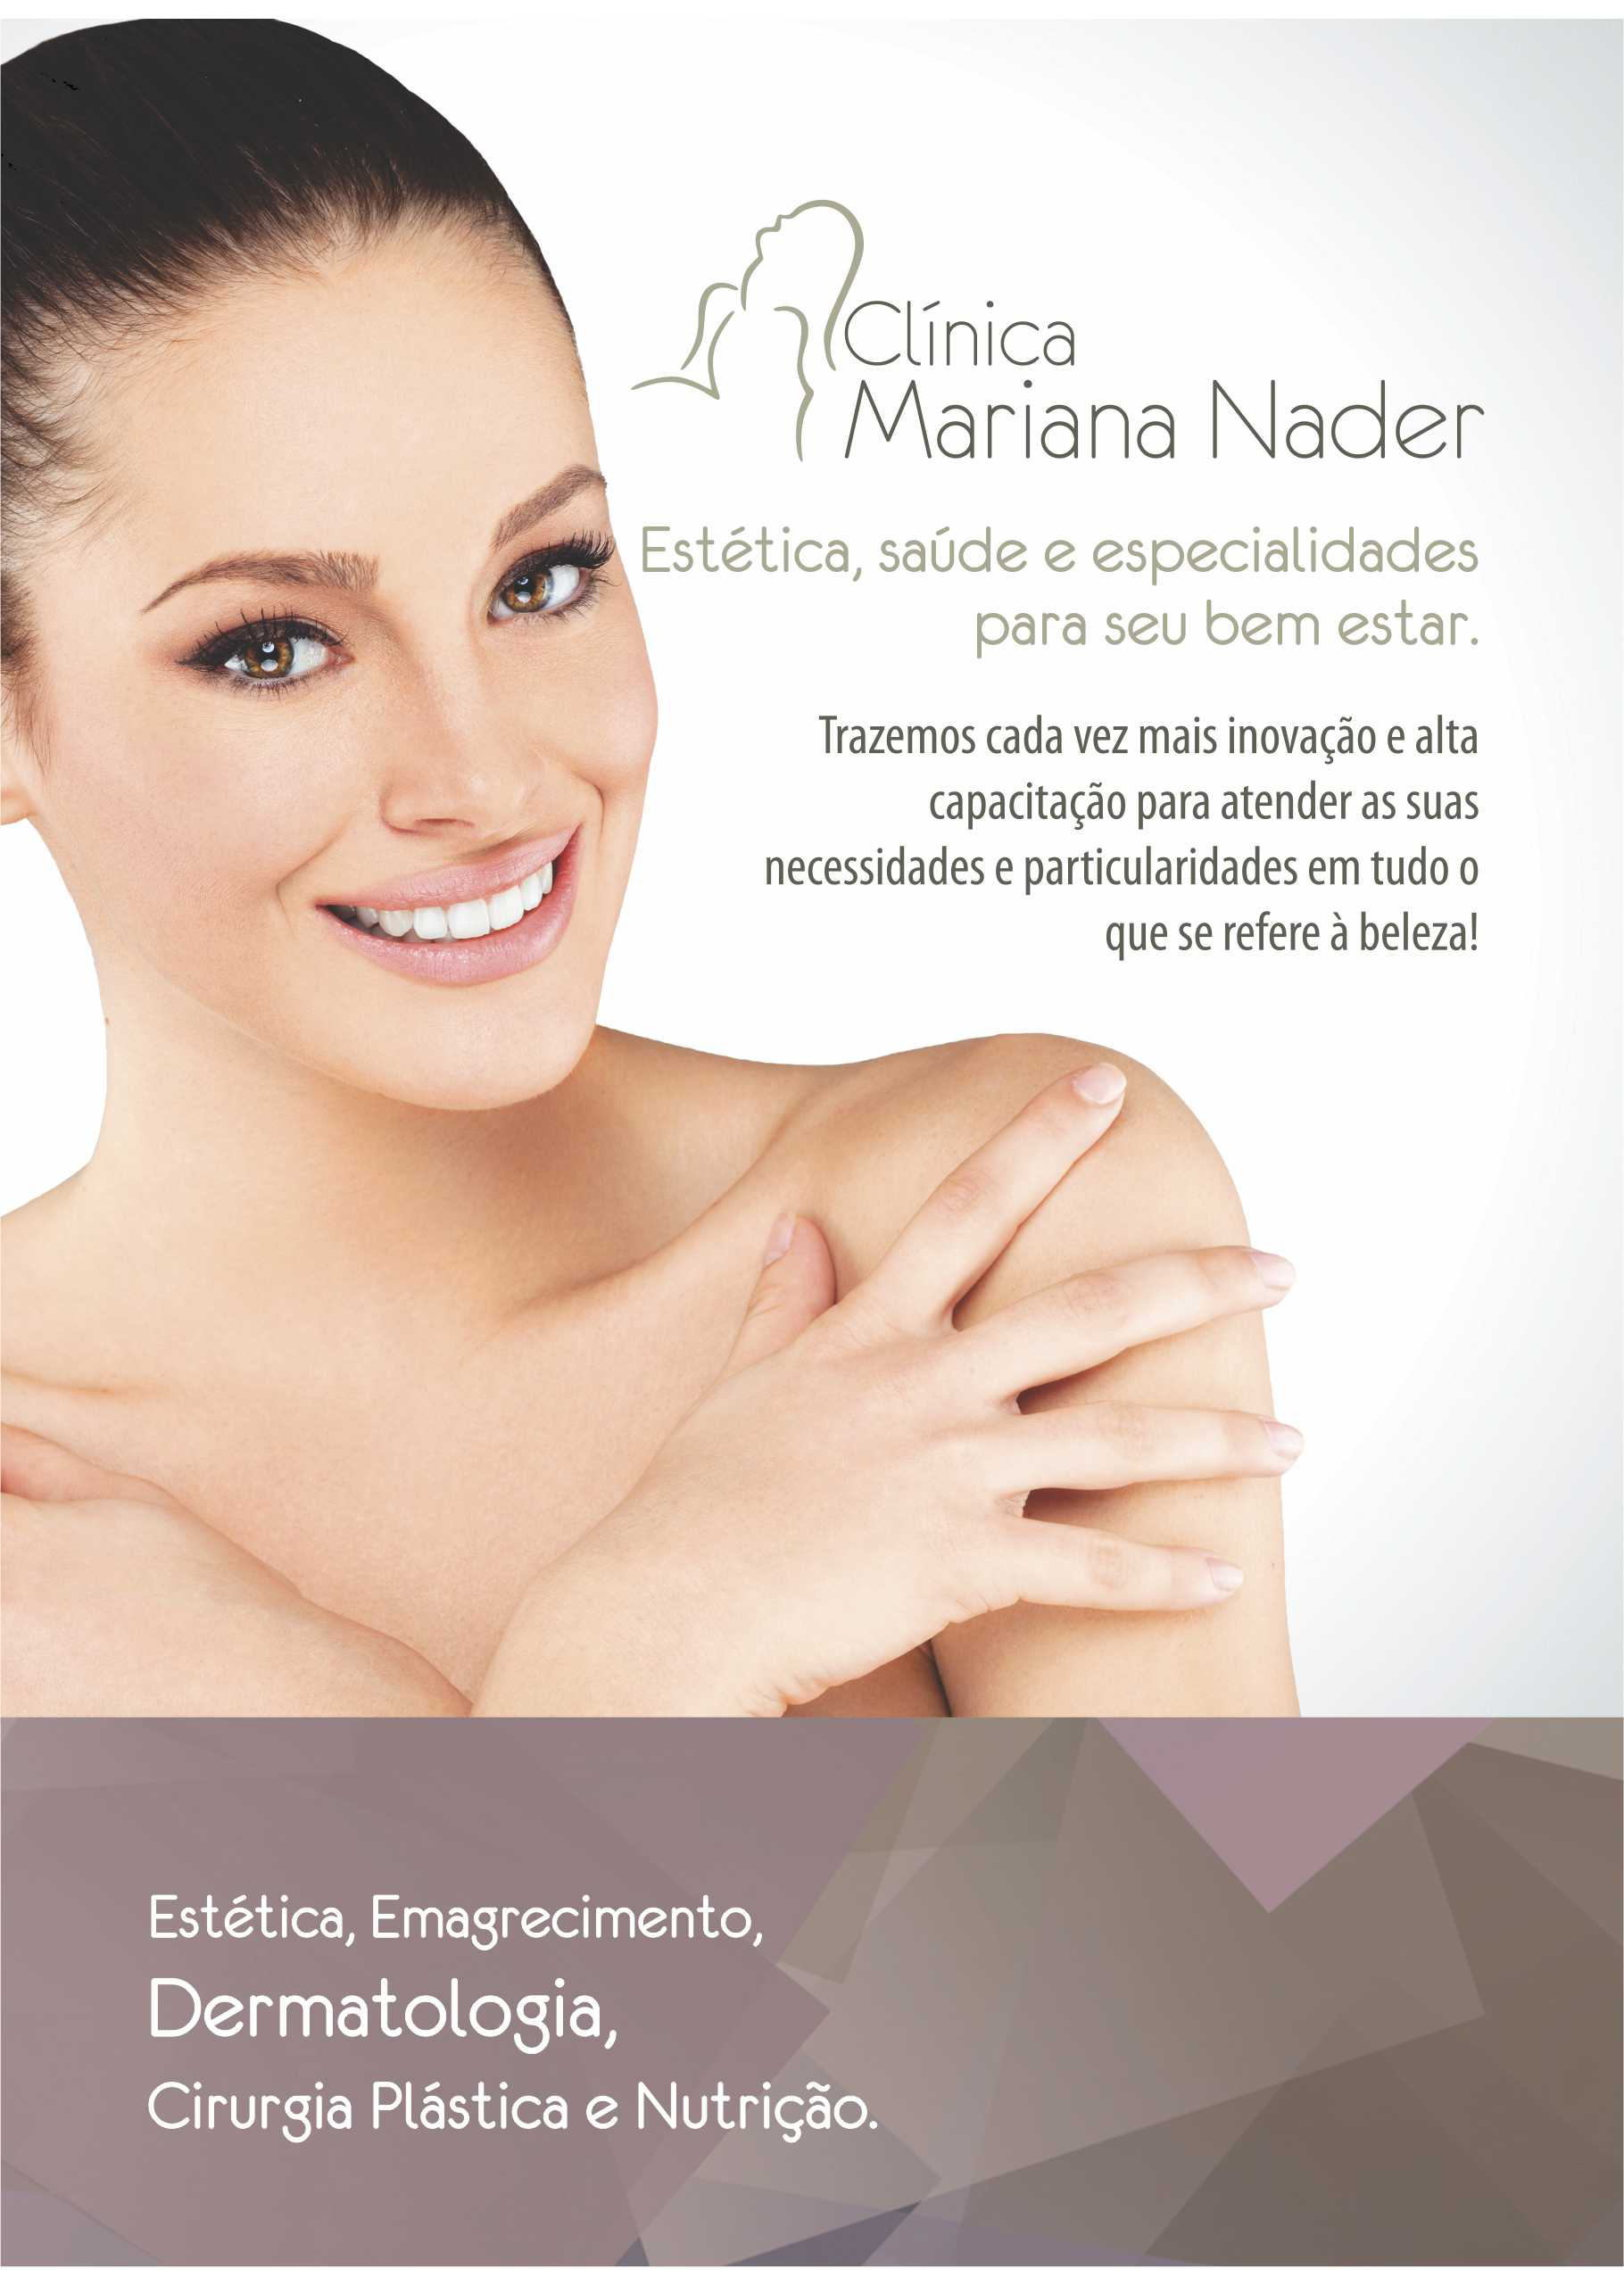 Clínica Mariana Nader